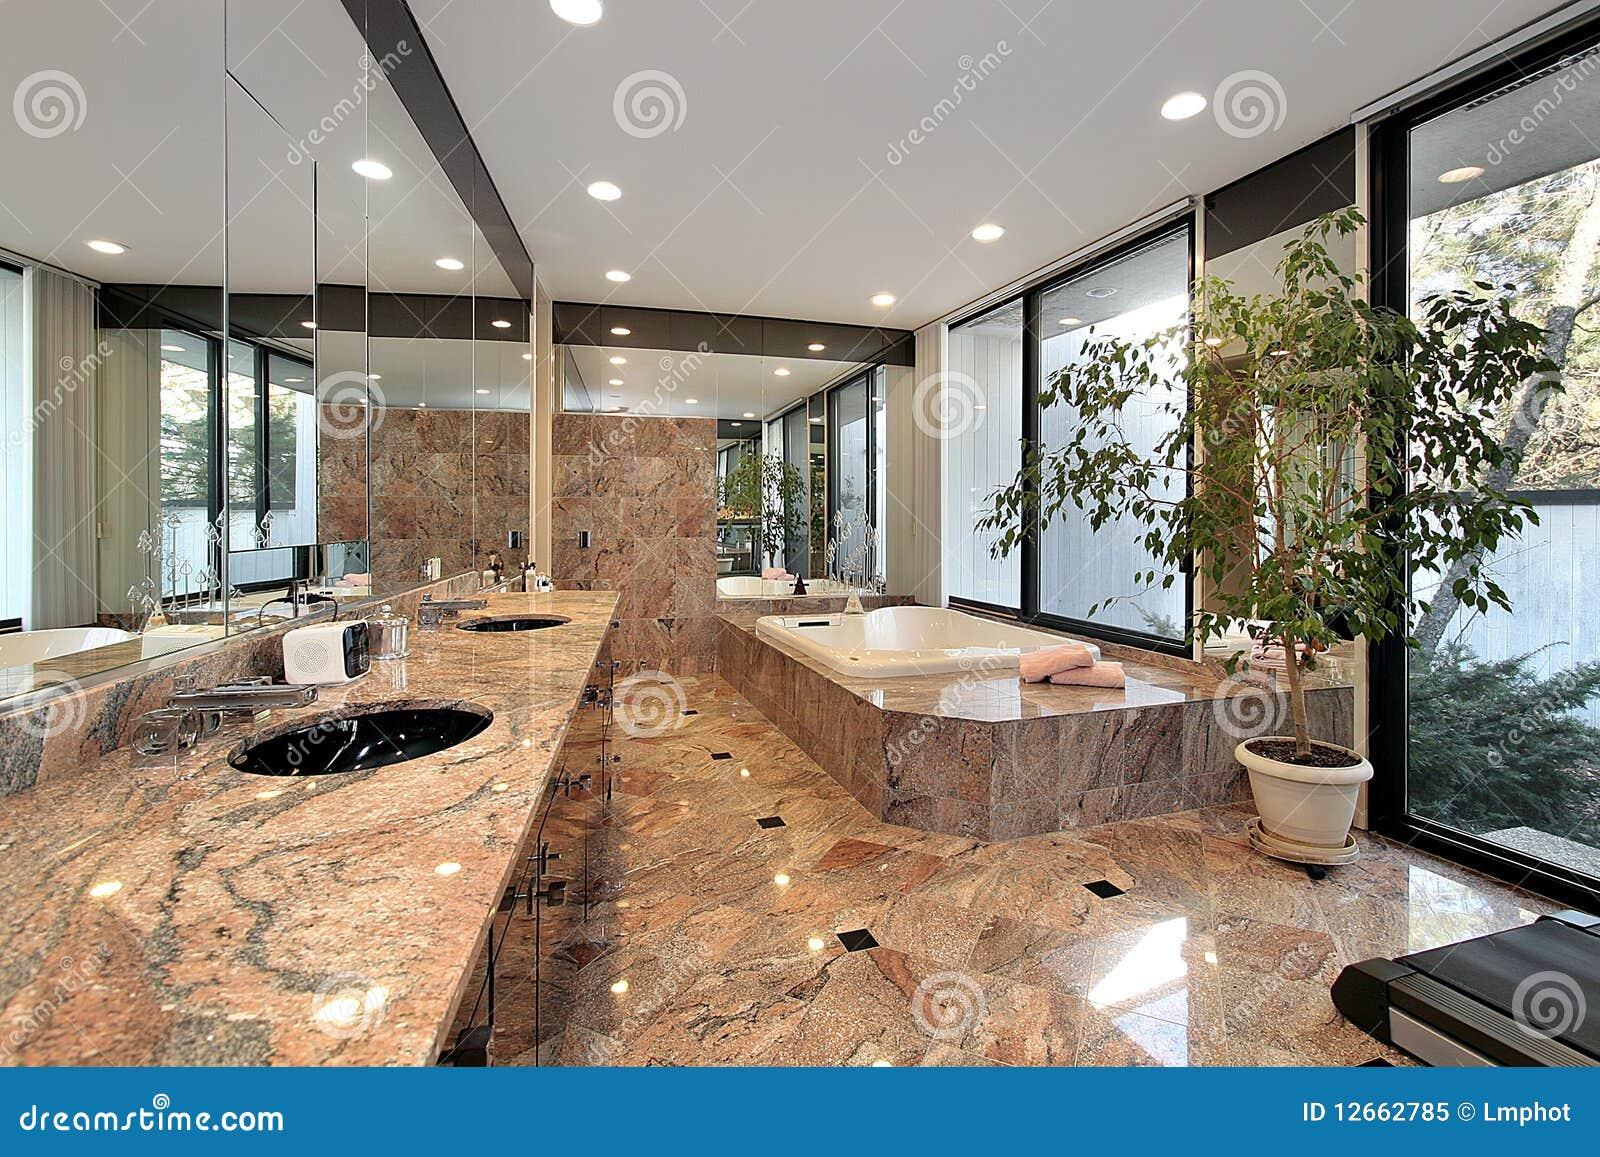 Hoofd bad met marmeren vloeren royalty vrije stock foto afbeelding 12662785 - Marmeren vloeren ...